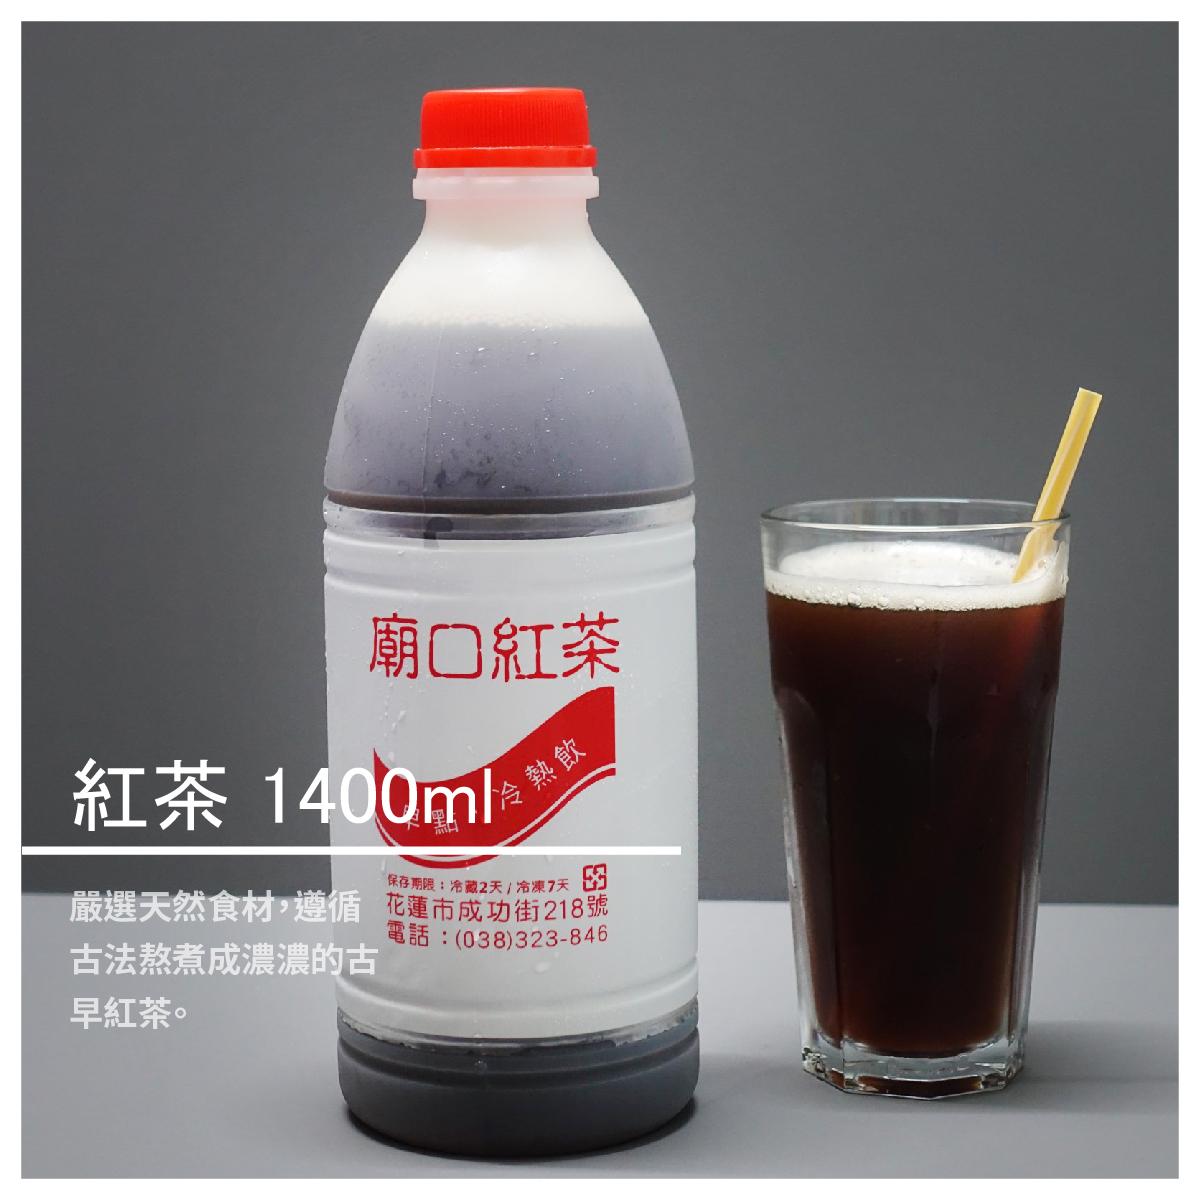 【廟口紅茶】紅茶 1400ml  (滿6罐才出貨/口味可任搭)